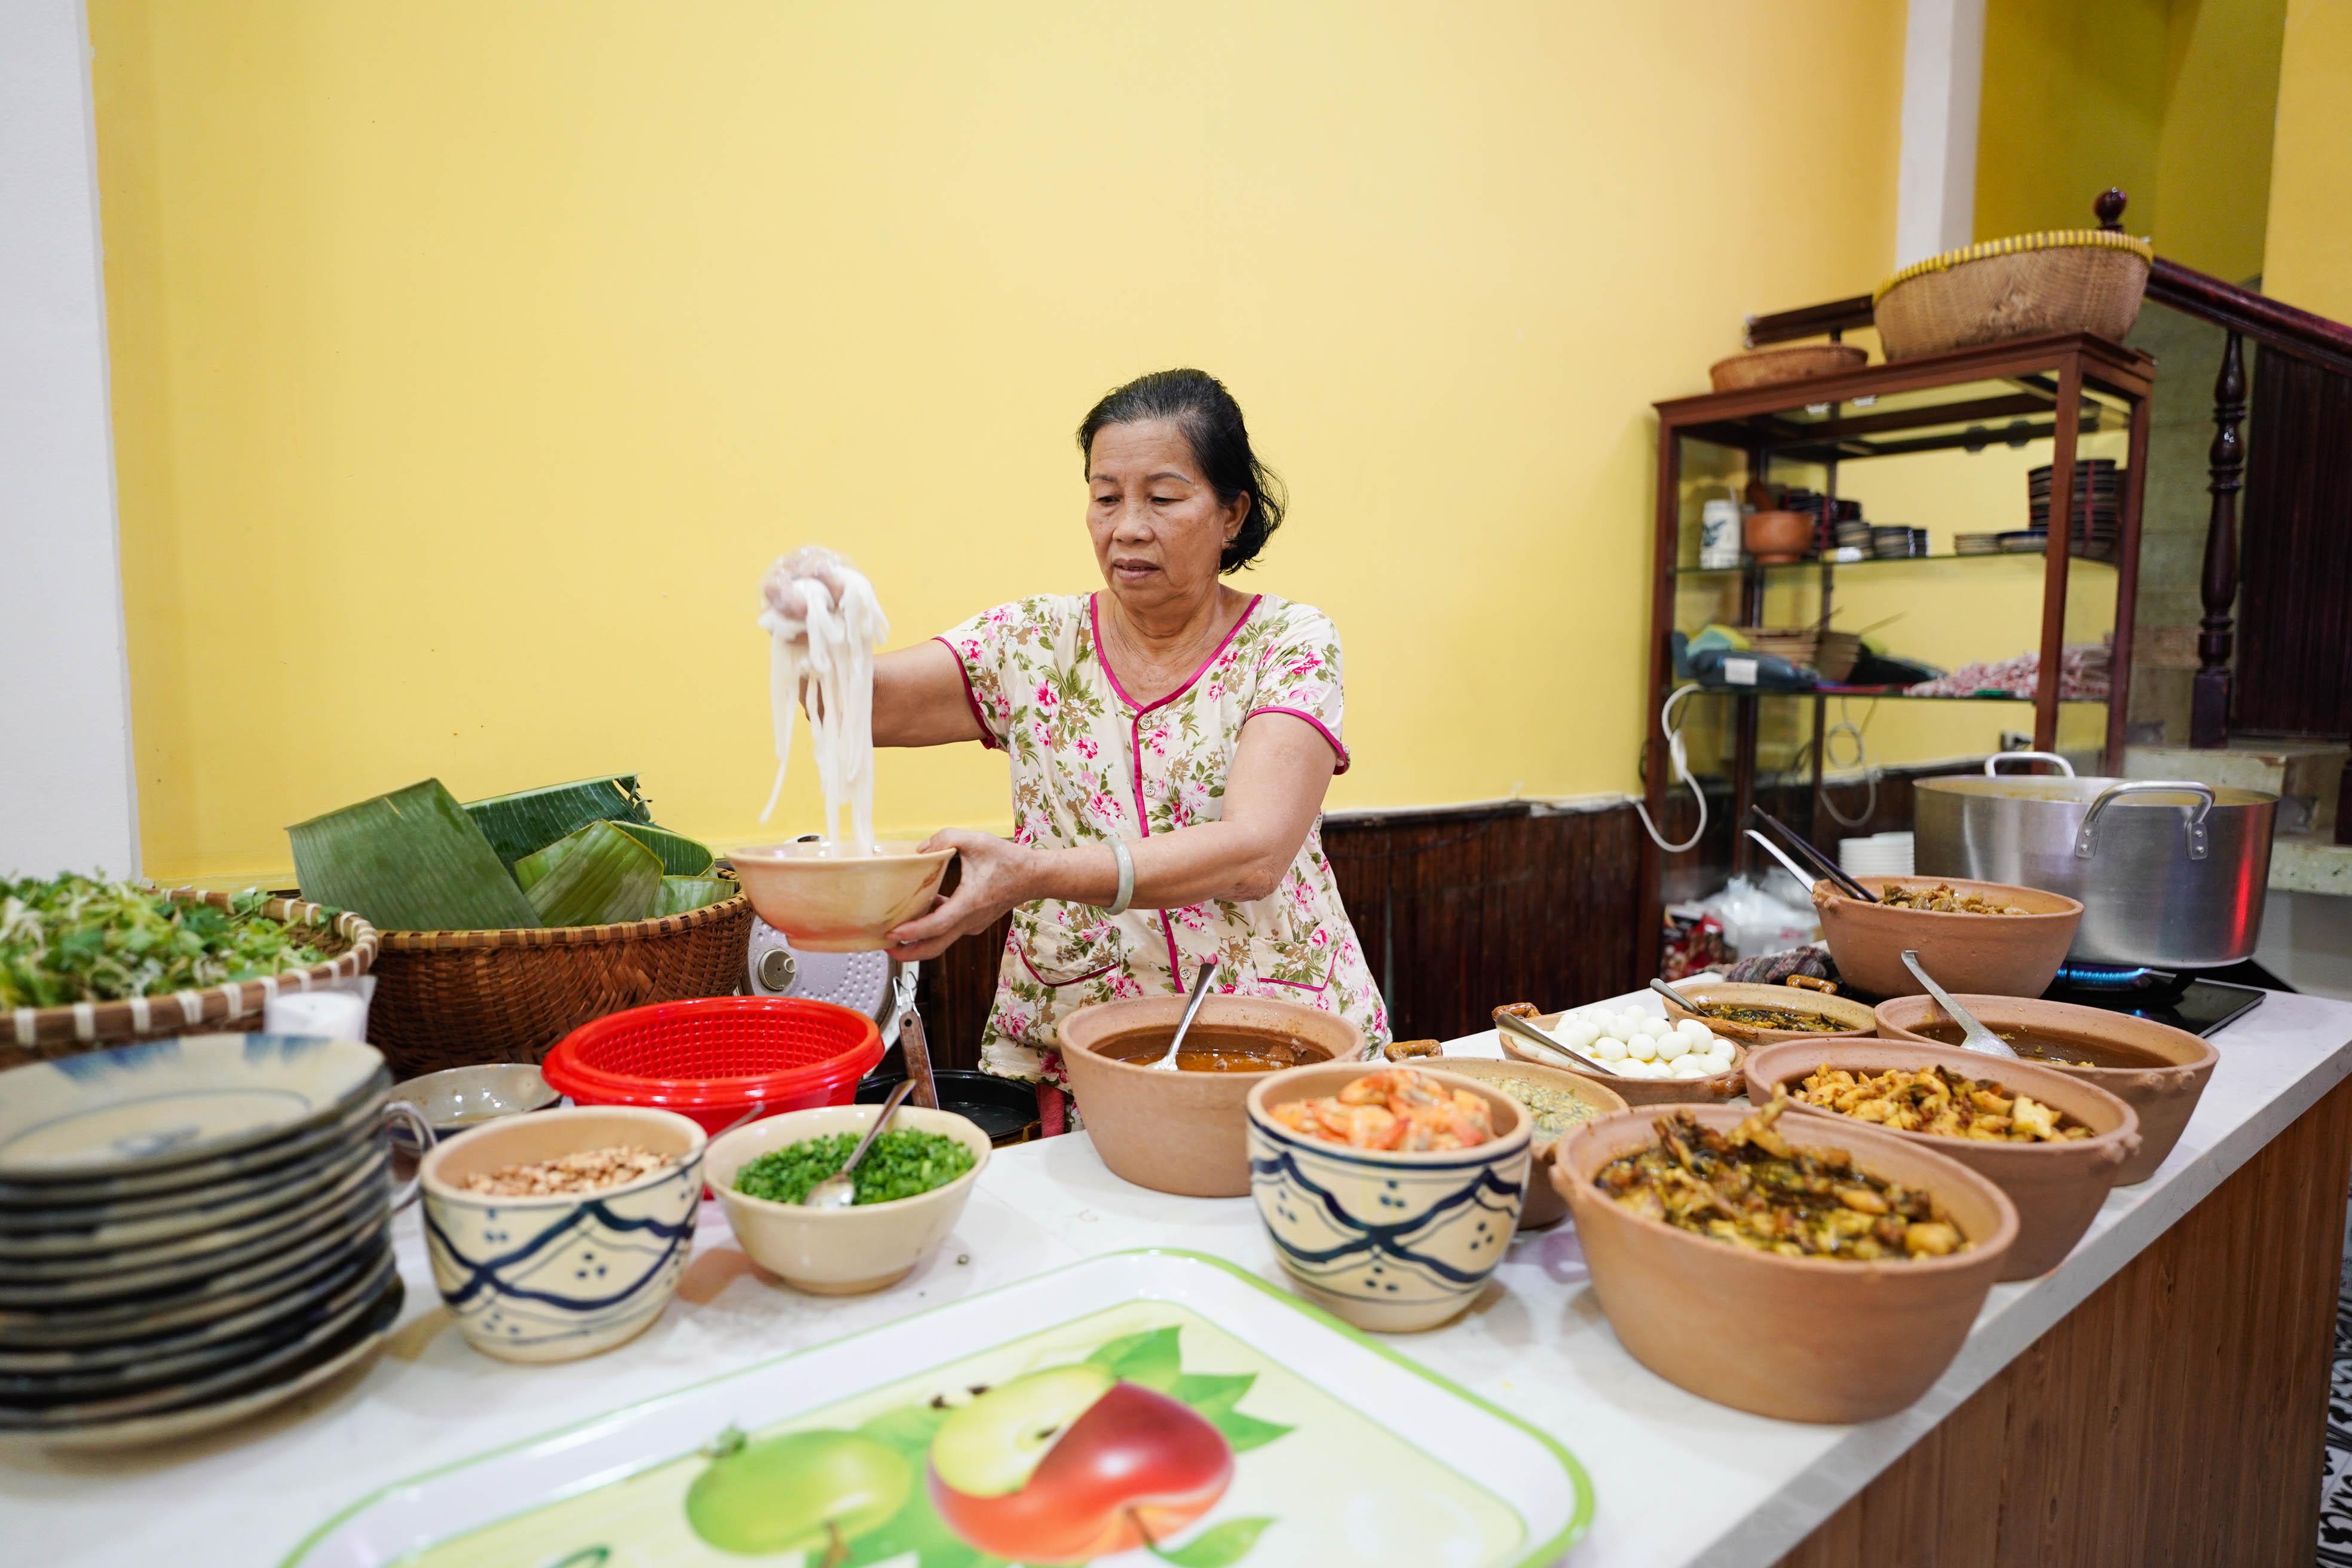 Mì Quảng Bà Mua – đệ nhất mì Quảng Đà Thành giữa lòng Sài Gòn 1